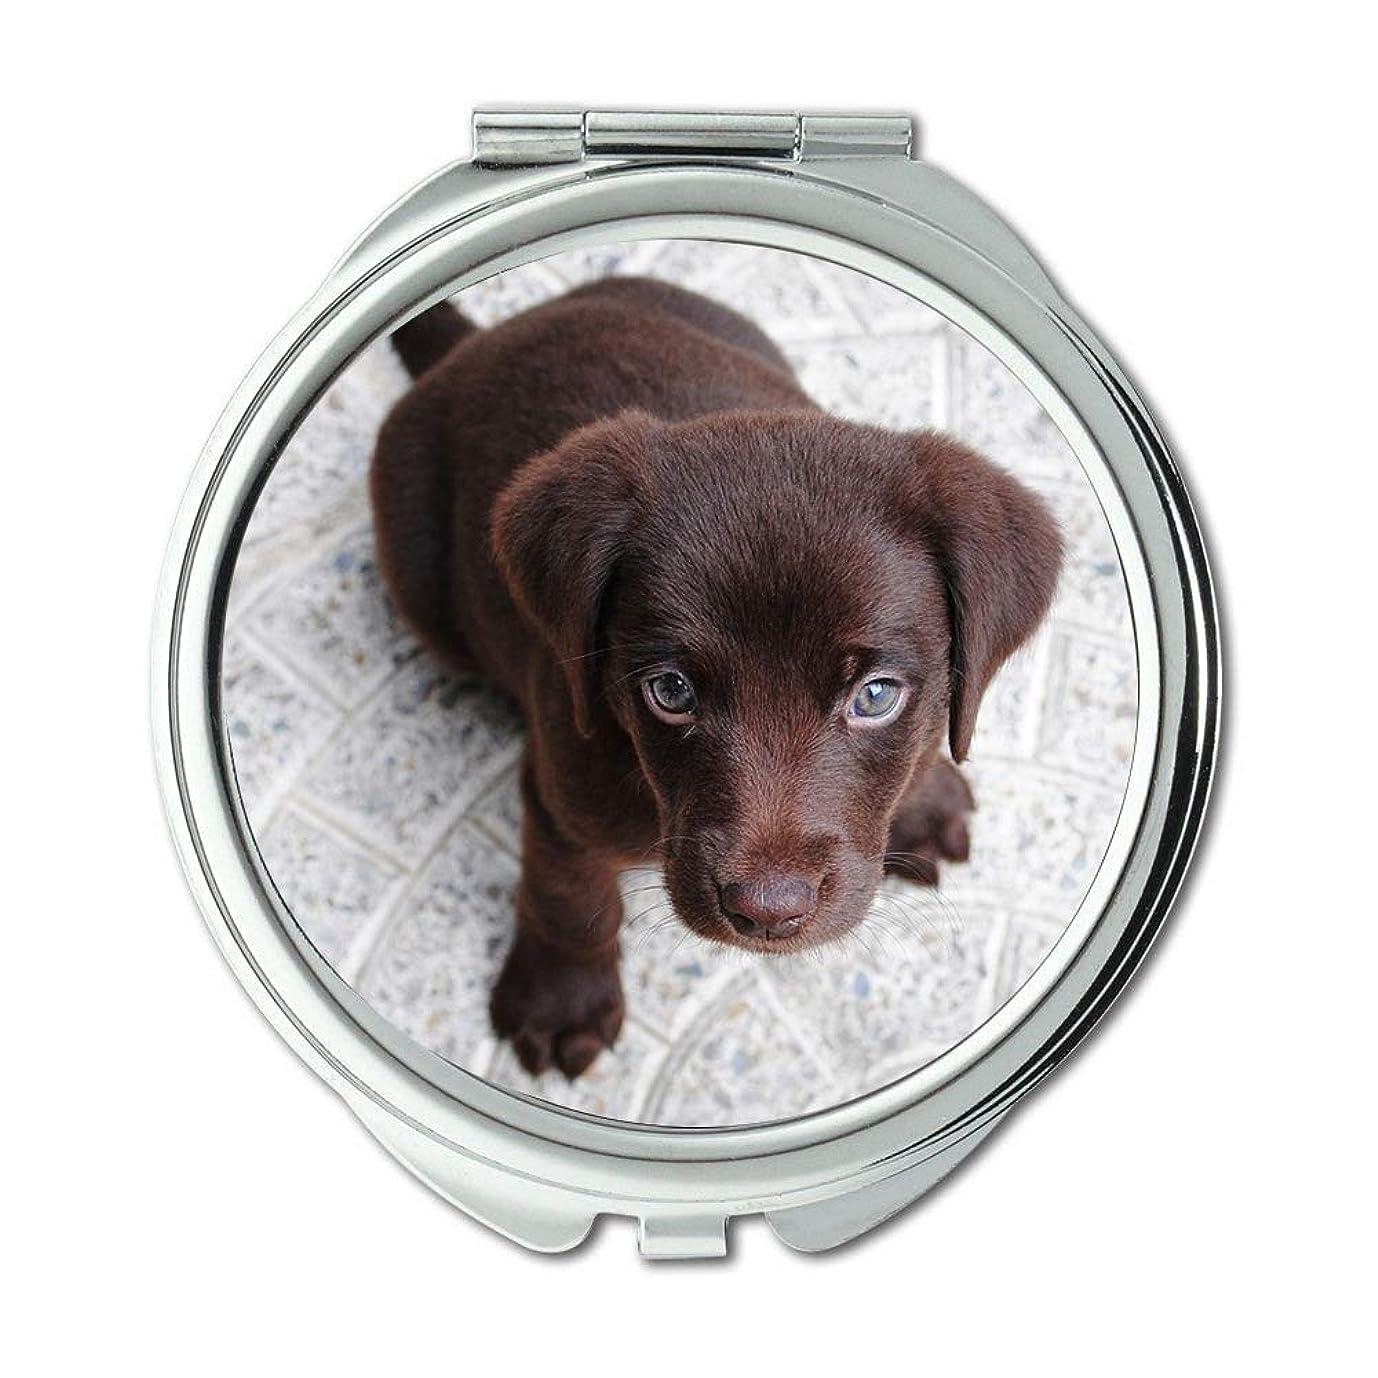 偽造エゴマニアひどくミラー、メイクアップミラー、子犬ラブラドール純粋なレトリーバー犬のペットブラウン、ポケットミラー、携帯用ミラー